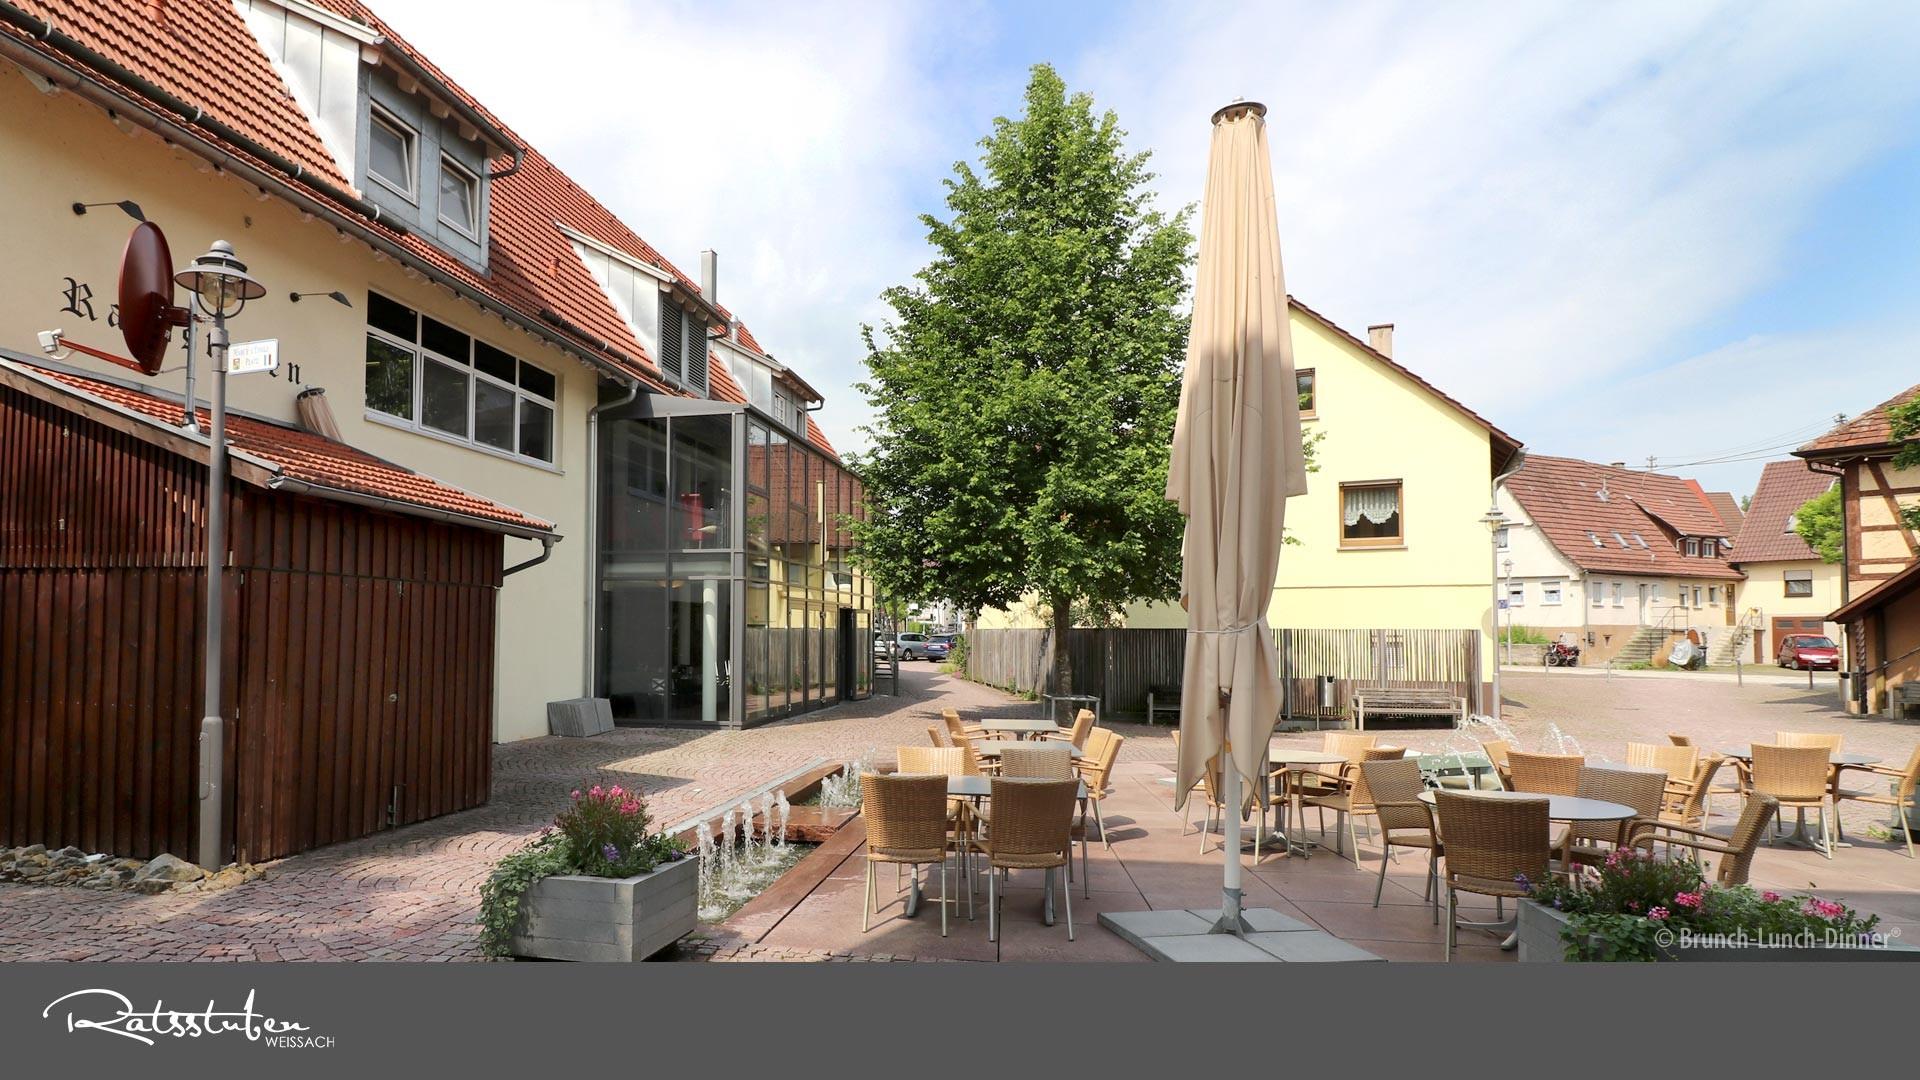 Der Geheimtipp: Ratsstuben Restaurant Weissach - das Ambiente für Ihre Firmenfeier - mit Terrasse in einem schön gestalteten Aussenbereich